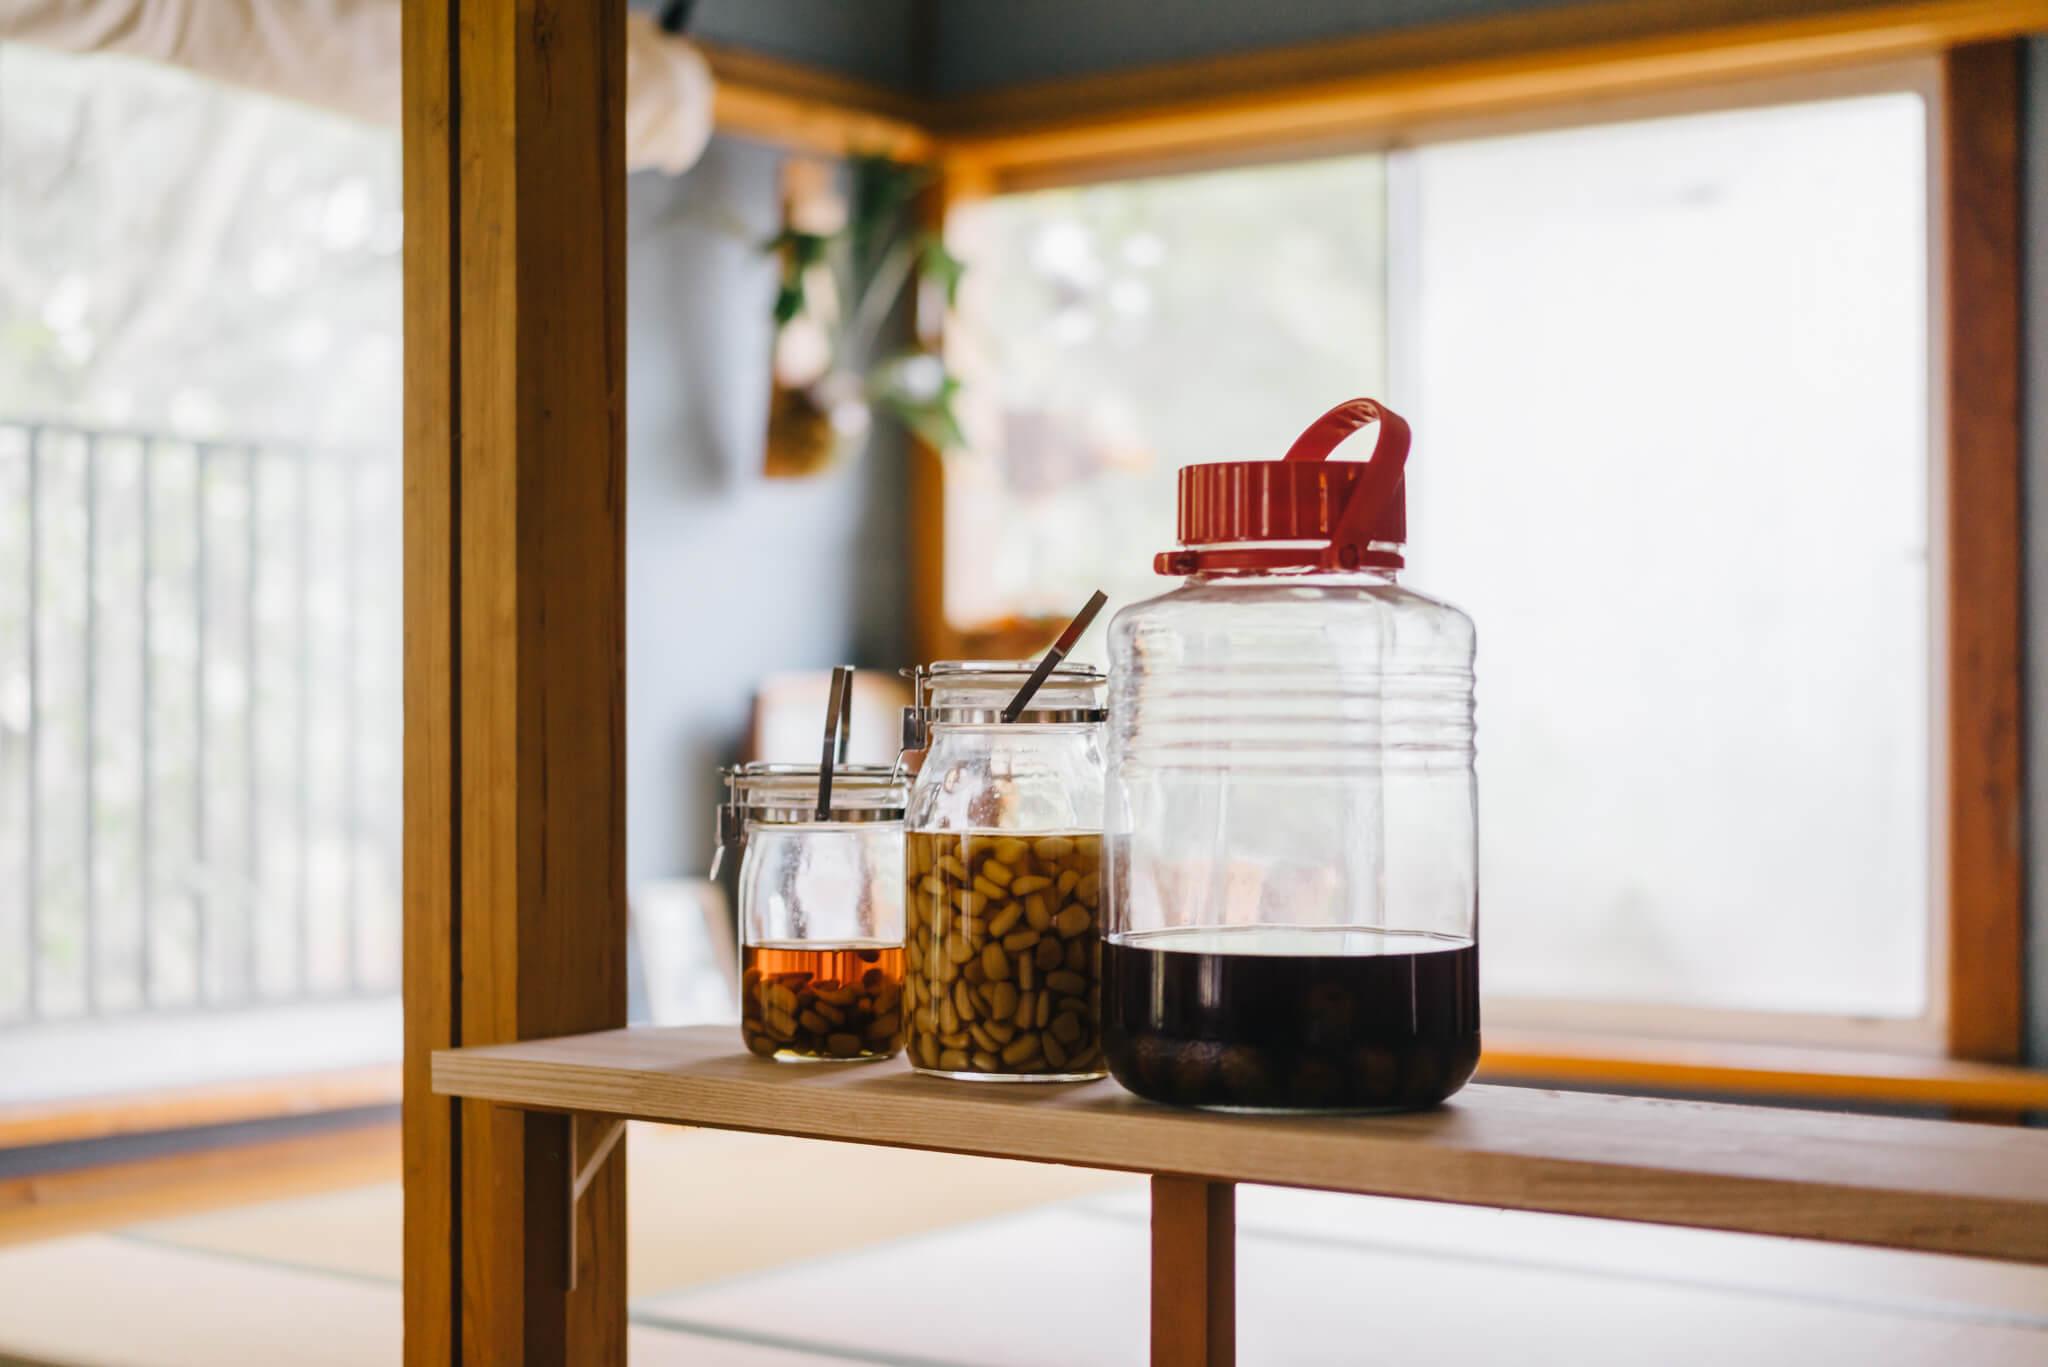 緑川さんの最近のお気に入りは、自家製のらっきょう漬けを作ること。